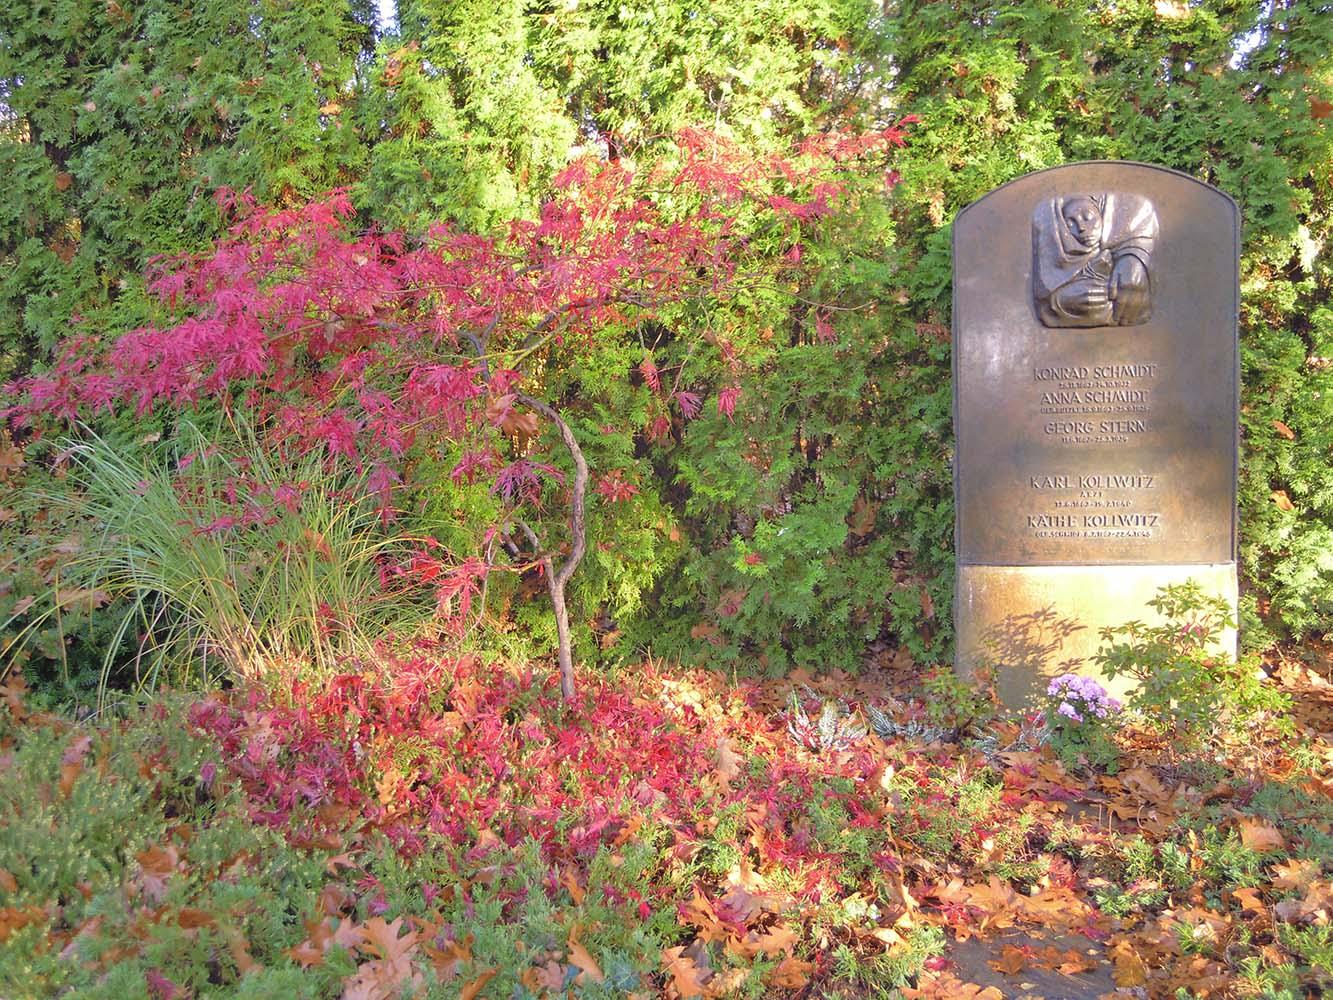 Berlijn Kathe Kollwitz 2014 grafsteen KK